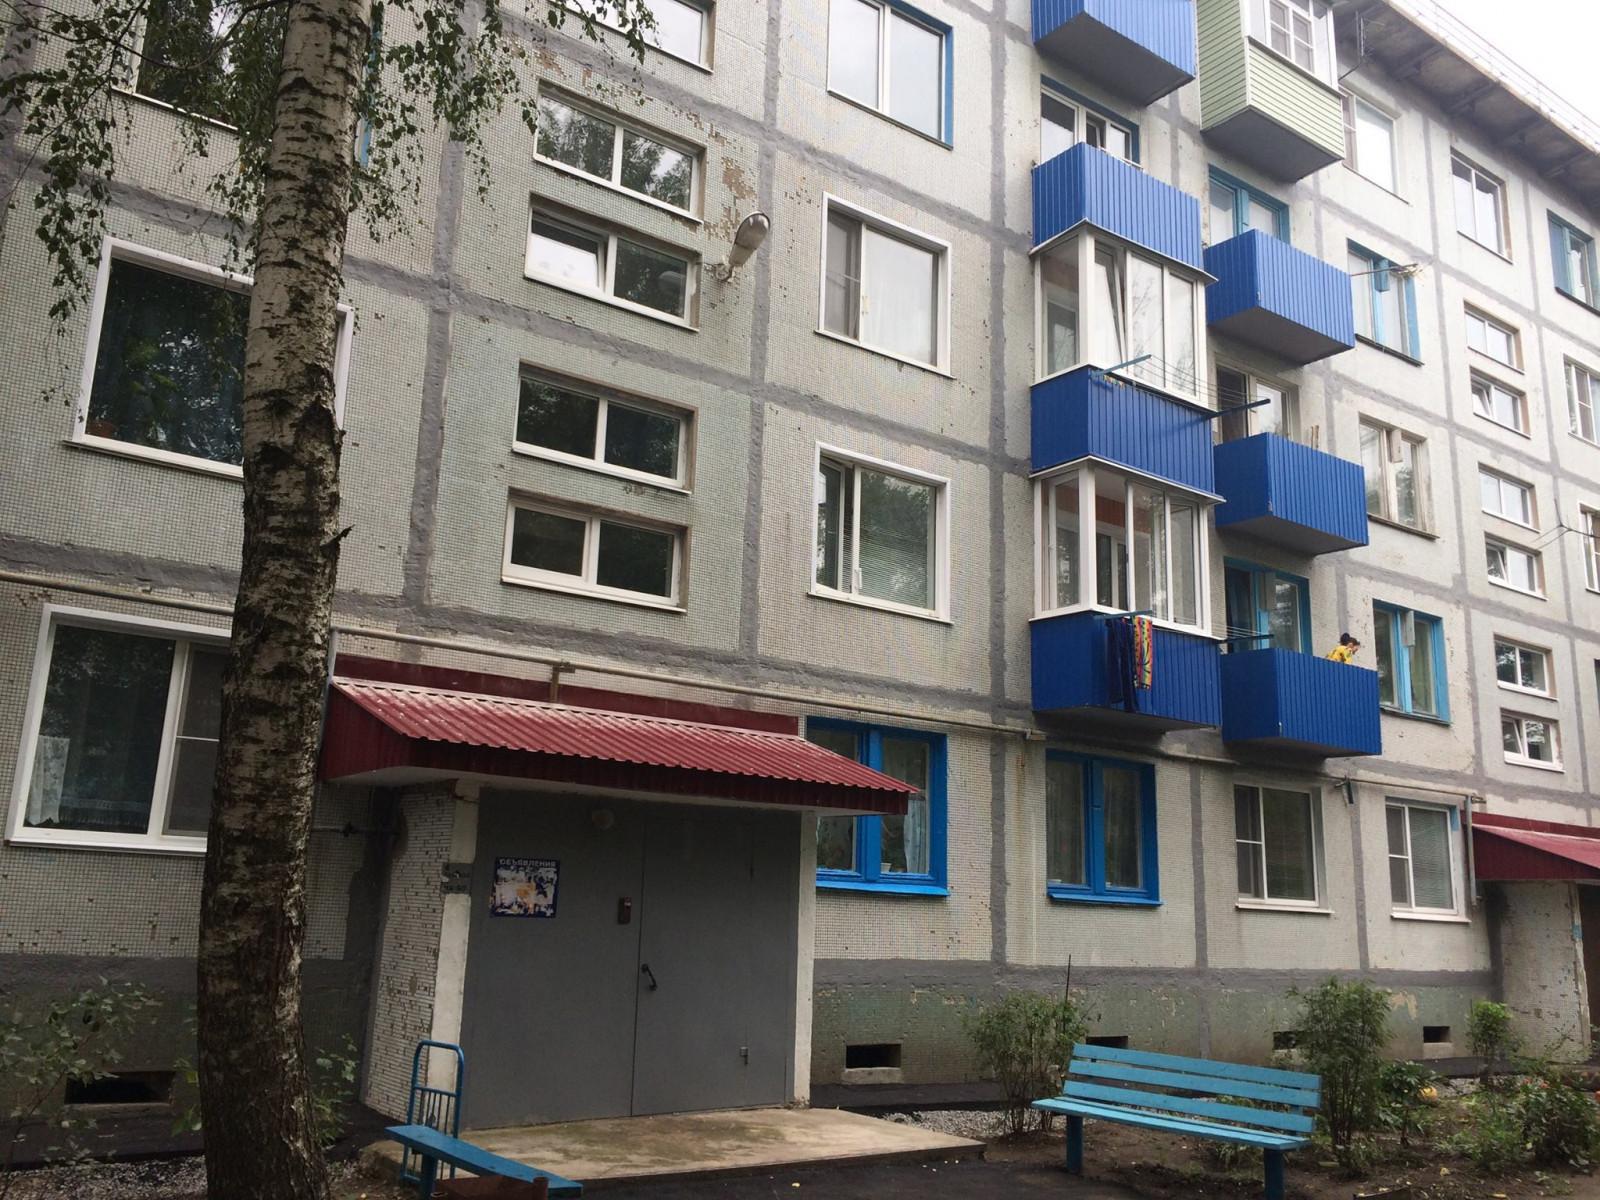 Капремонт завершен в трети многоквартирных домов региона, включенных в программу 2017 года